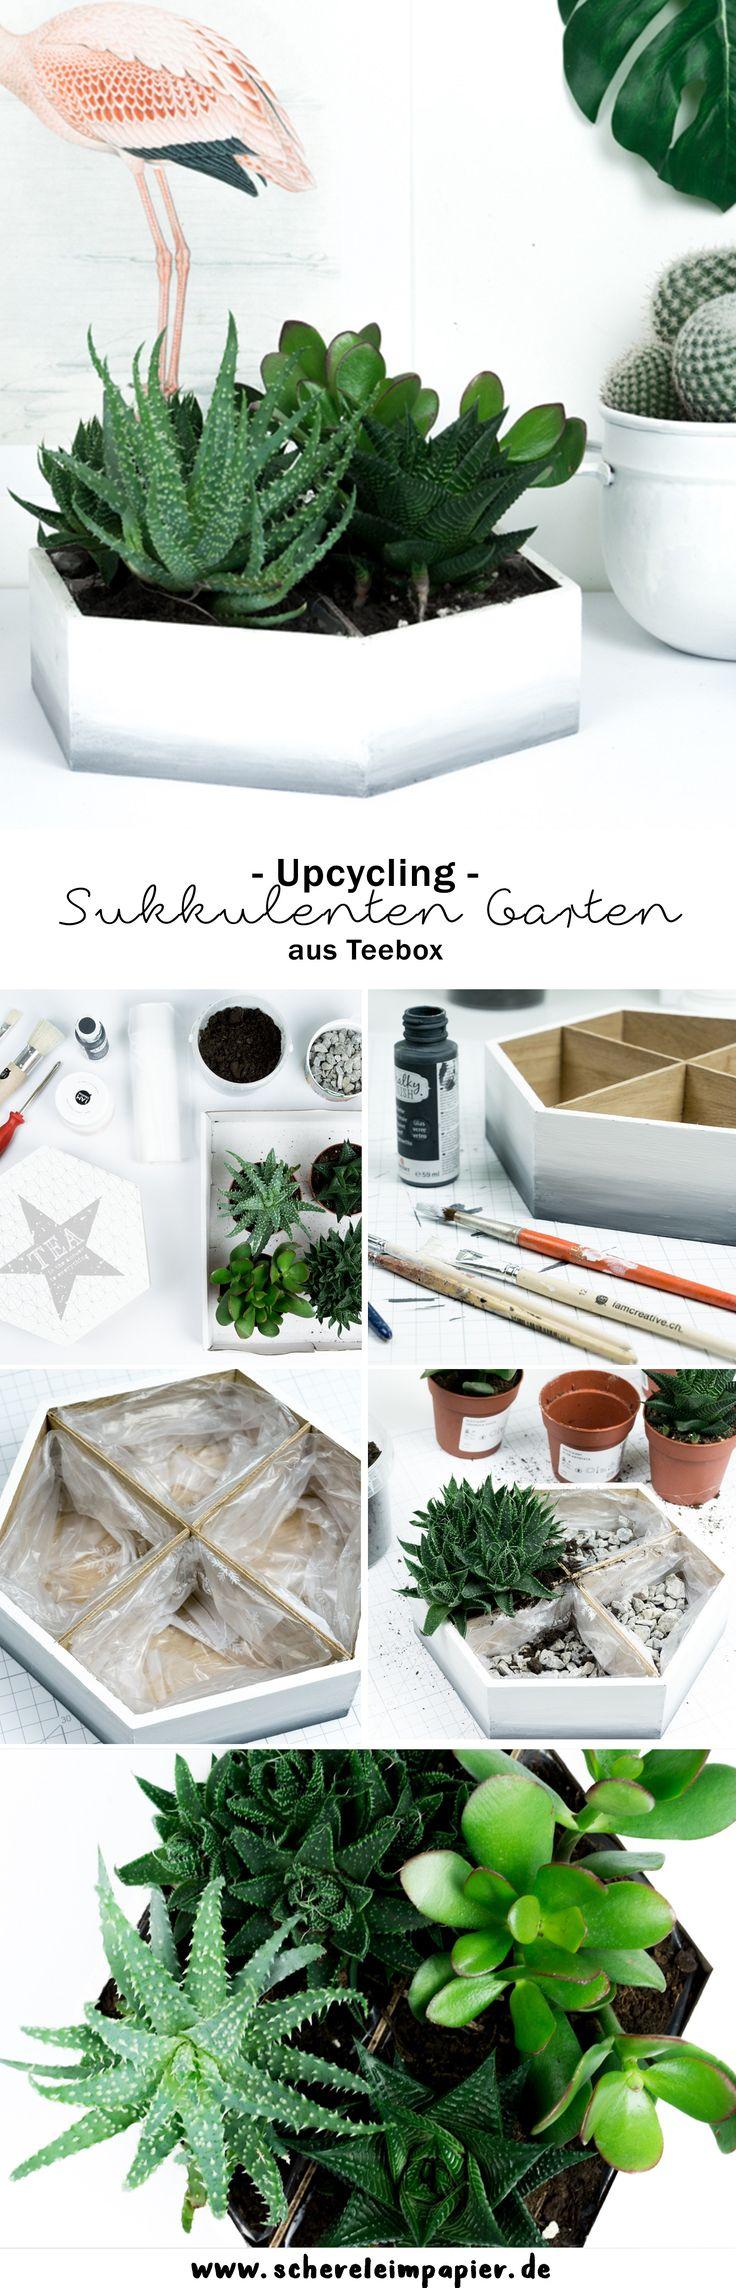 DIY Ombré Mini Sukkulenten Garten: Mit Meiner Upcycling Idee Zeige Ich  Euch, Wie Ihr